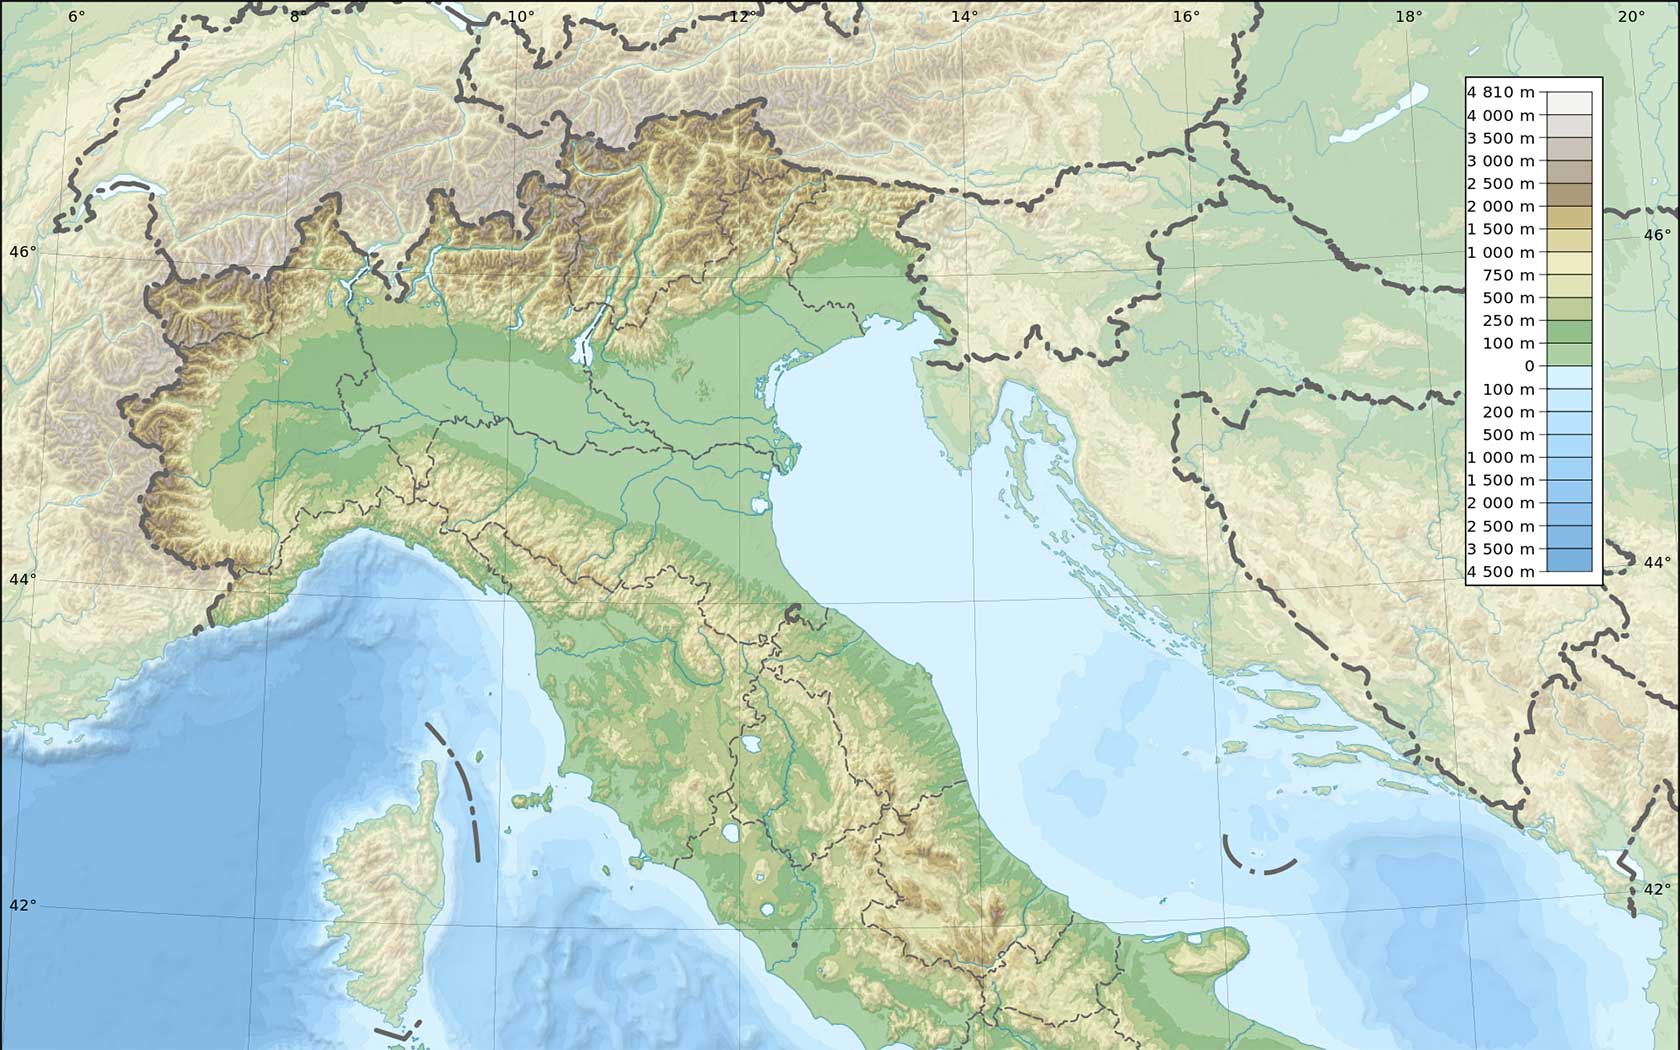 Trentino Alto Adige Cartina Geografica Fisica.Mappa Italia Fisica Muta Le Puntine Del Mondo